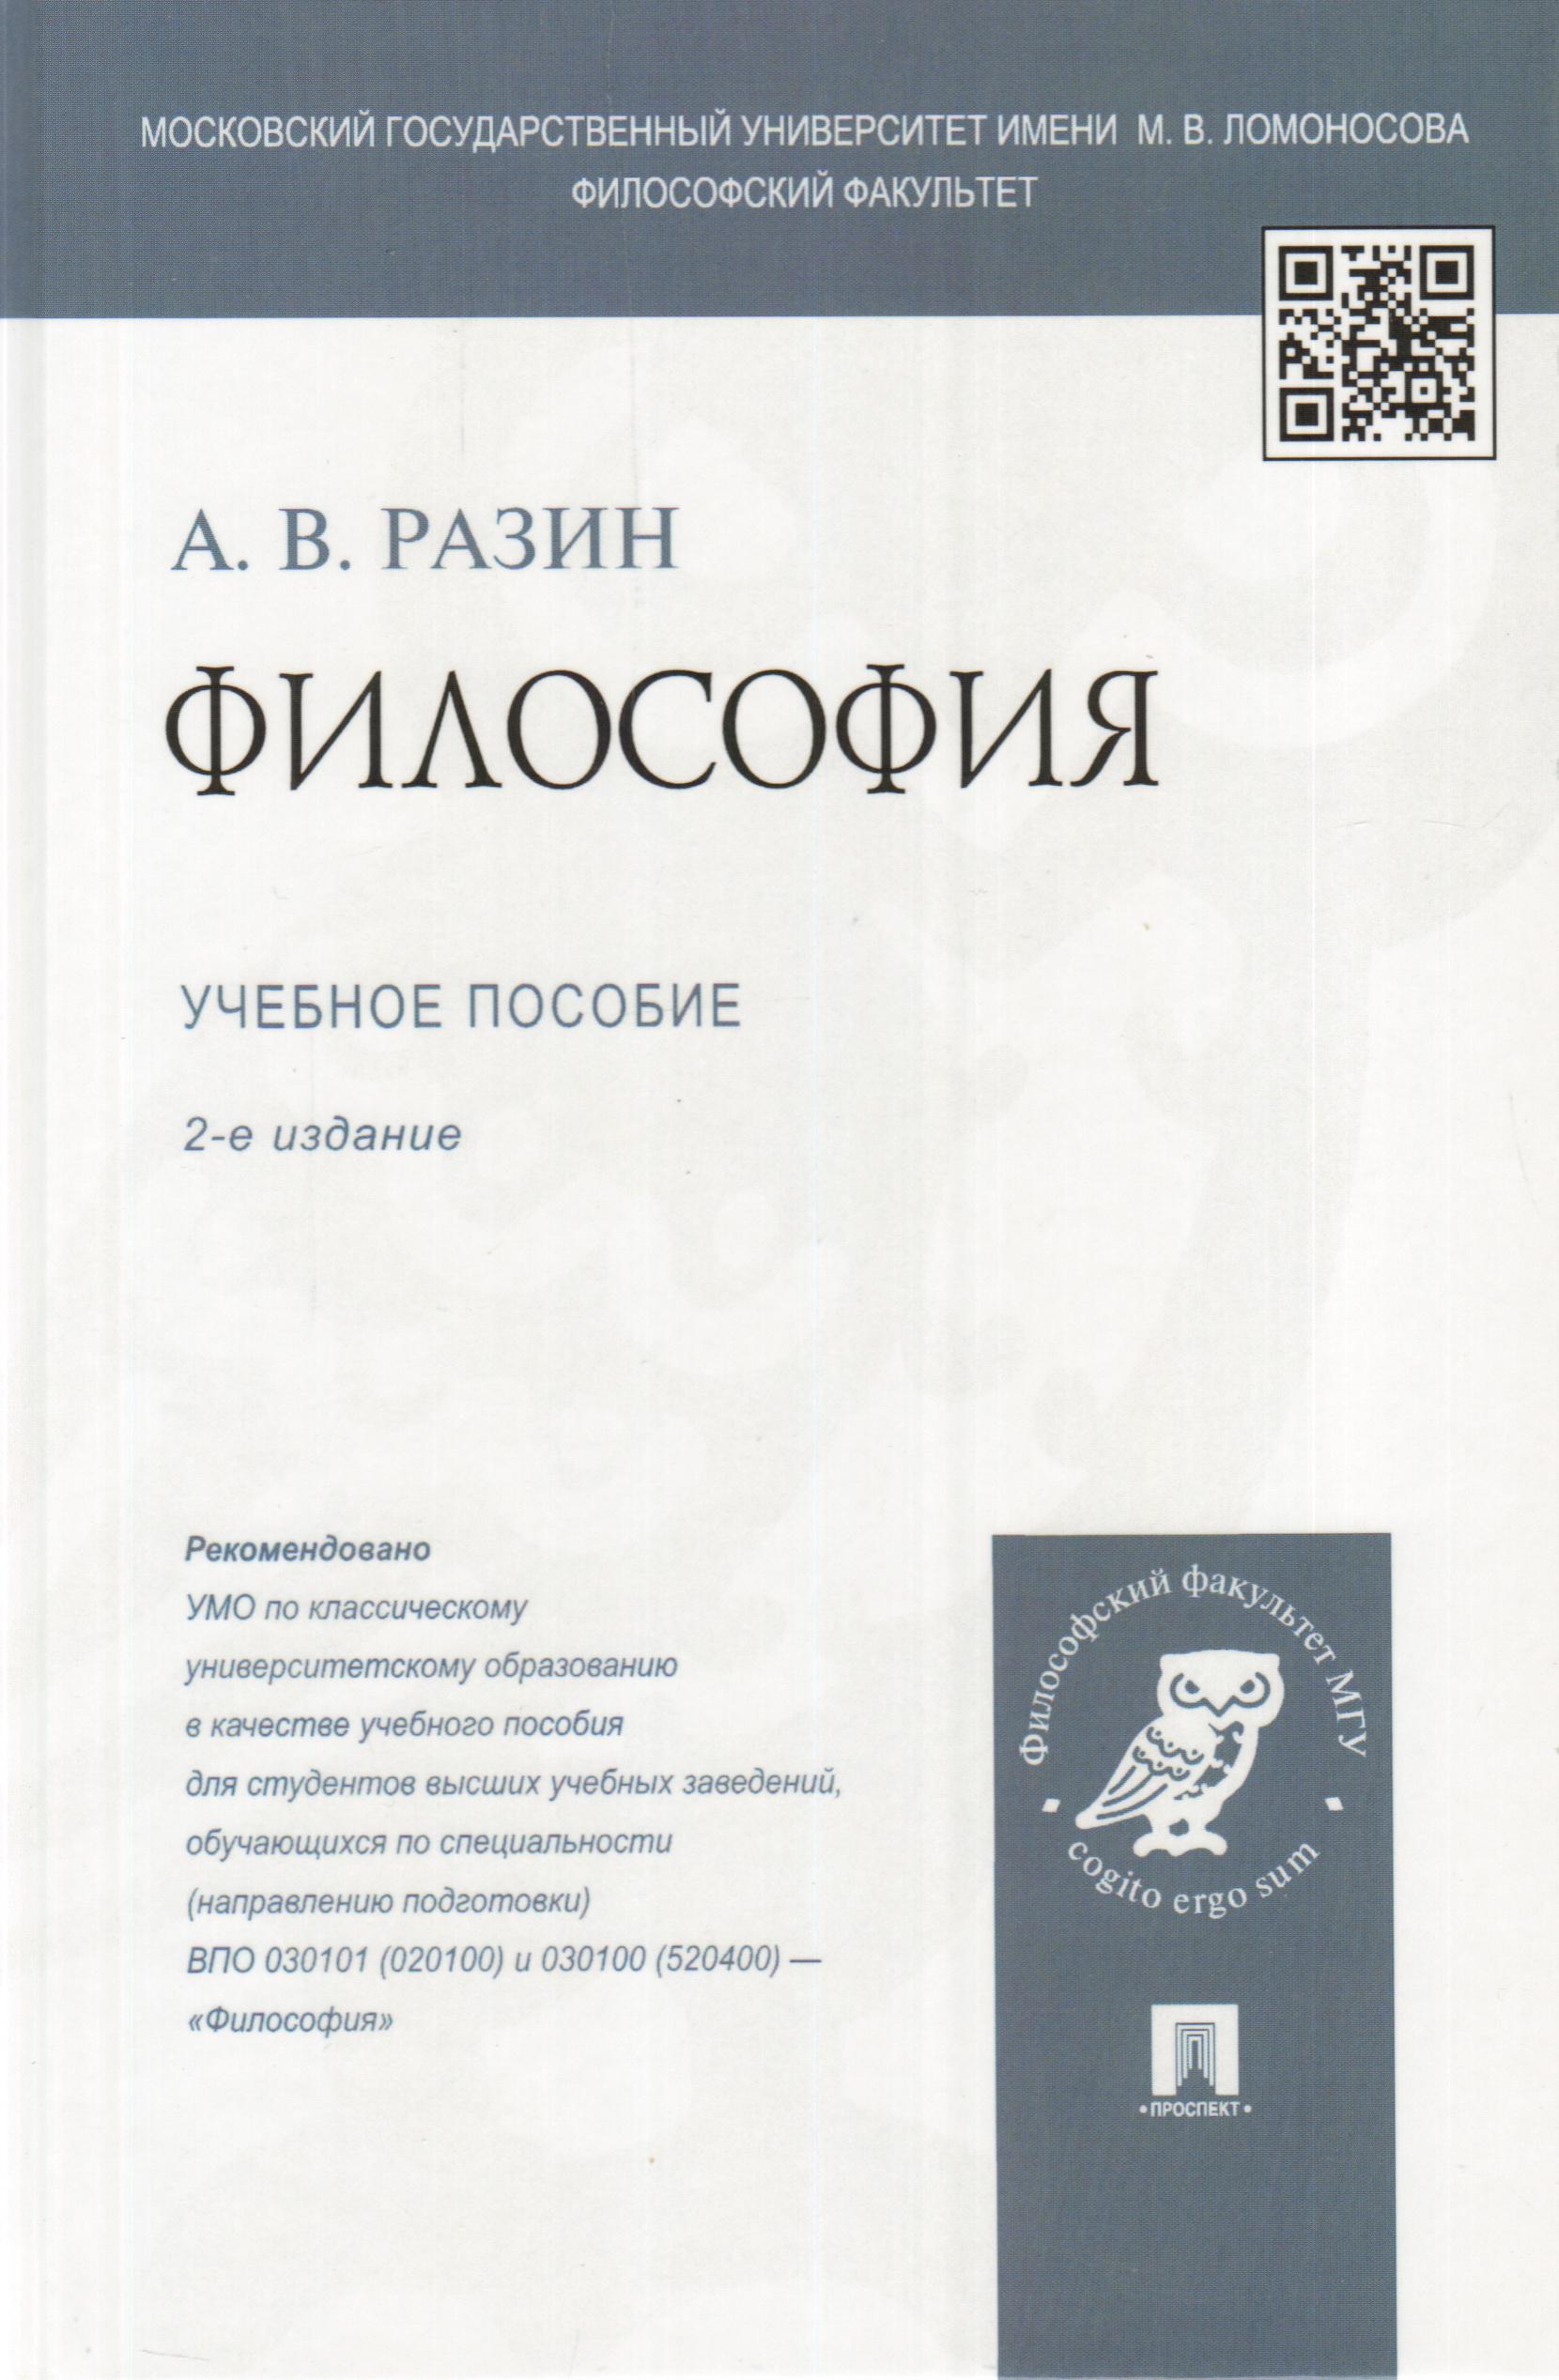 Философия: учебное пособие для студентов вузов. 2-е изд., перераб. и доп. Разин А.В.